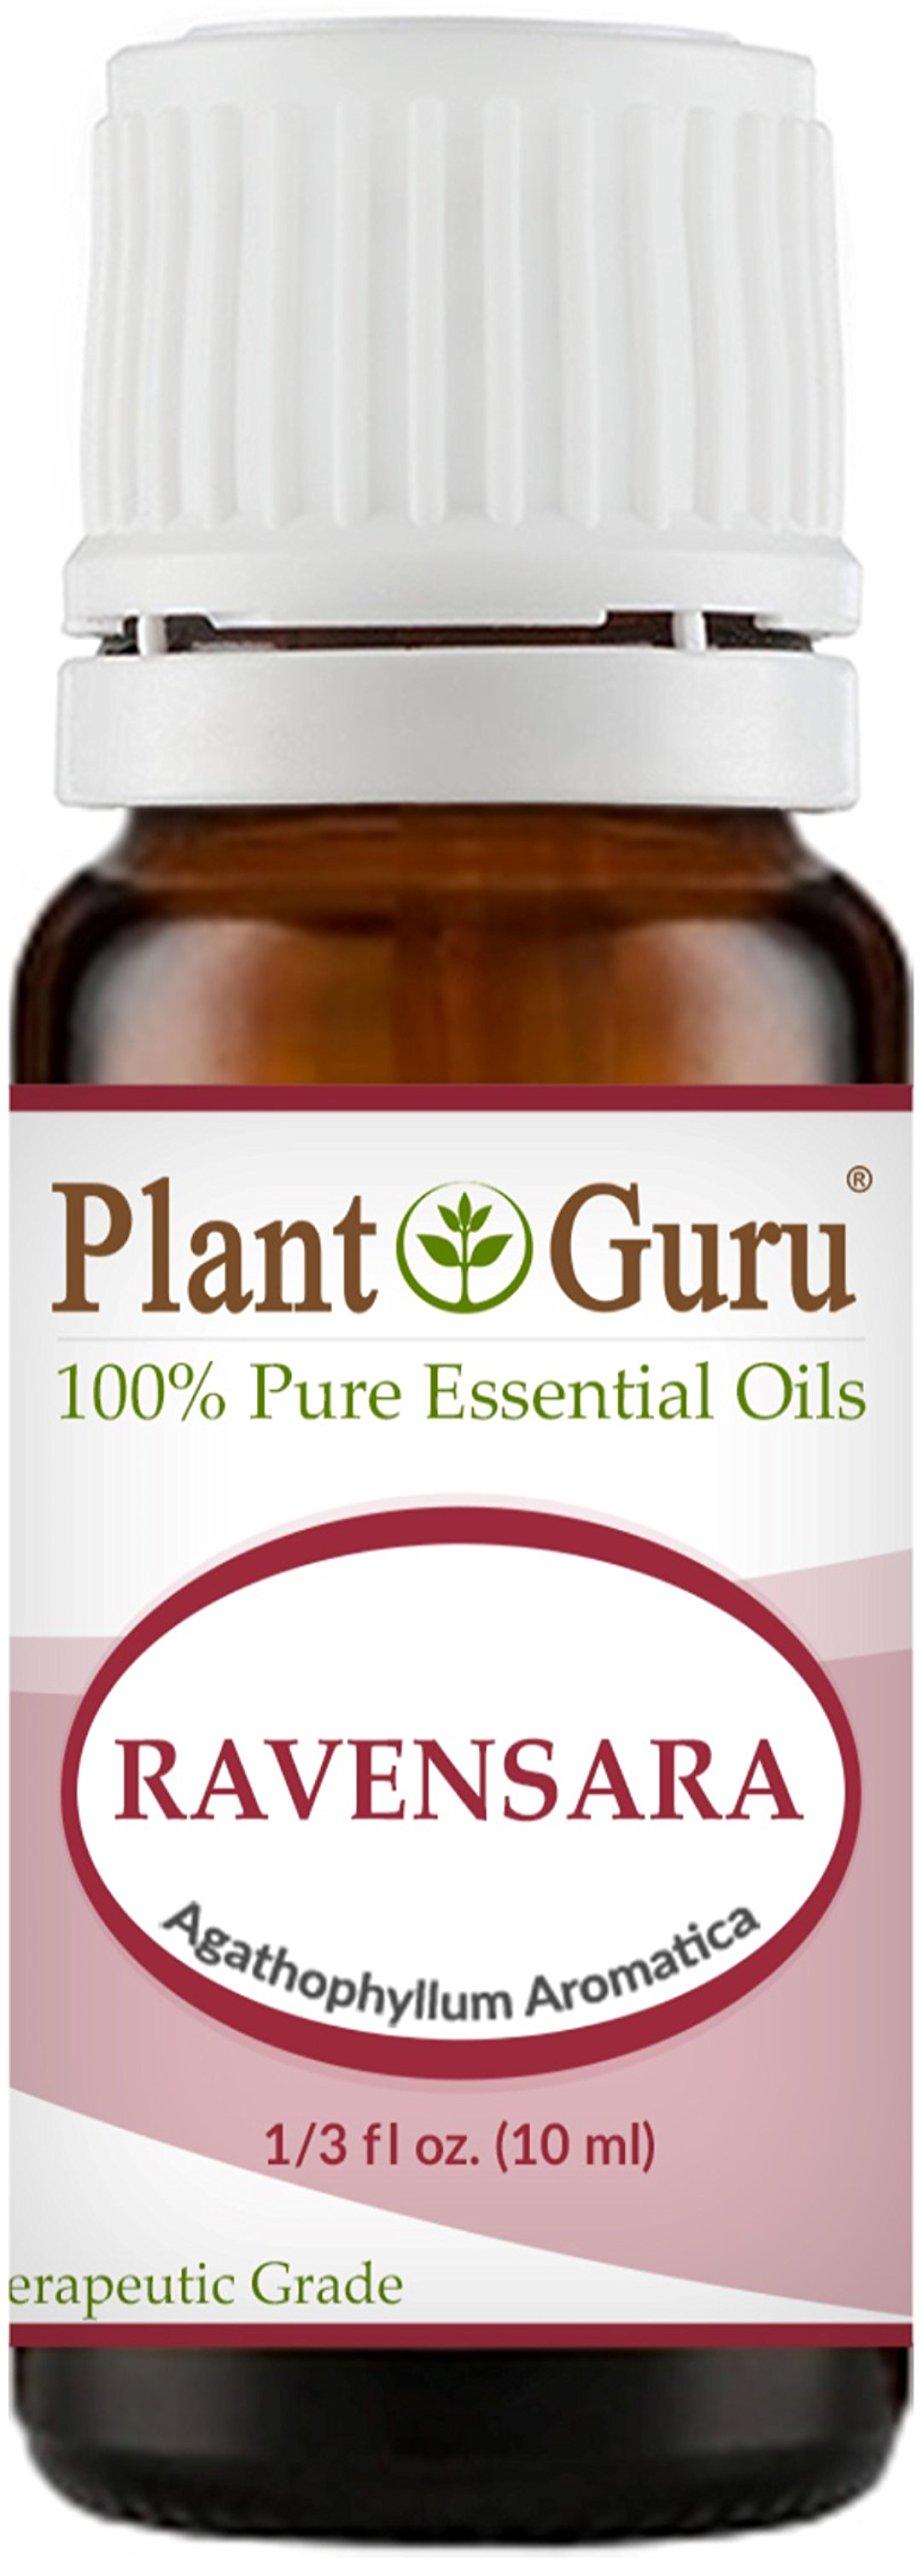 Wild Ravensara Essential Oil (Agathophyllum Aromatica Madagascar) 10 ml. 100% Pure Undiluted Therapeutic Grade.